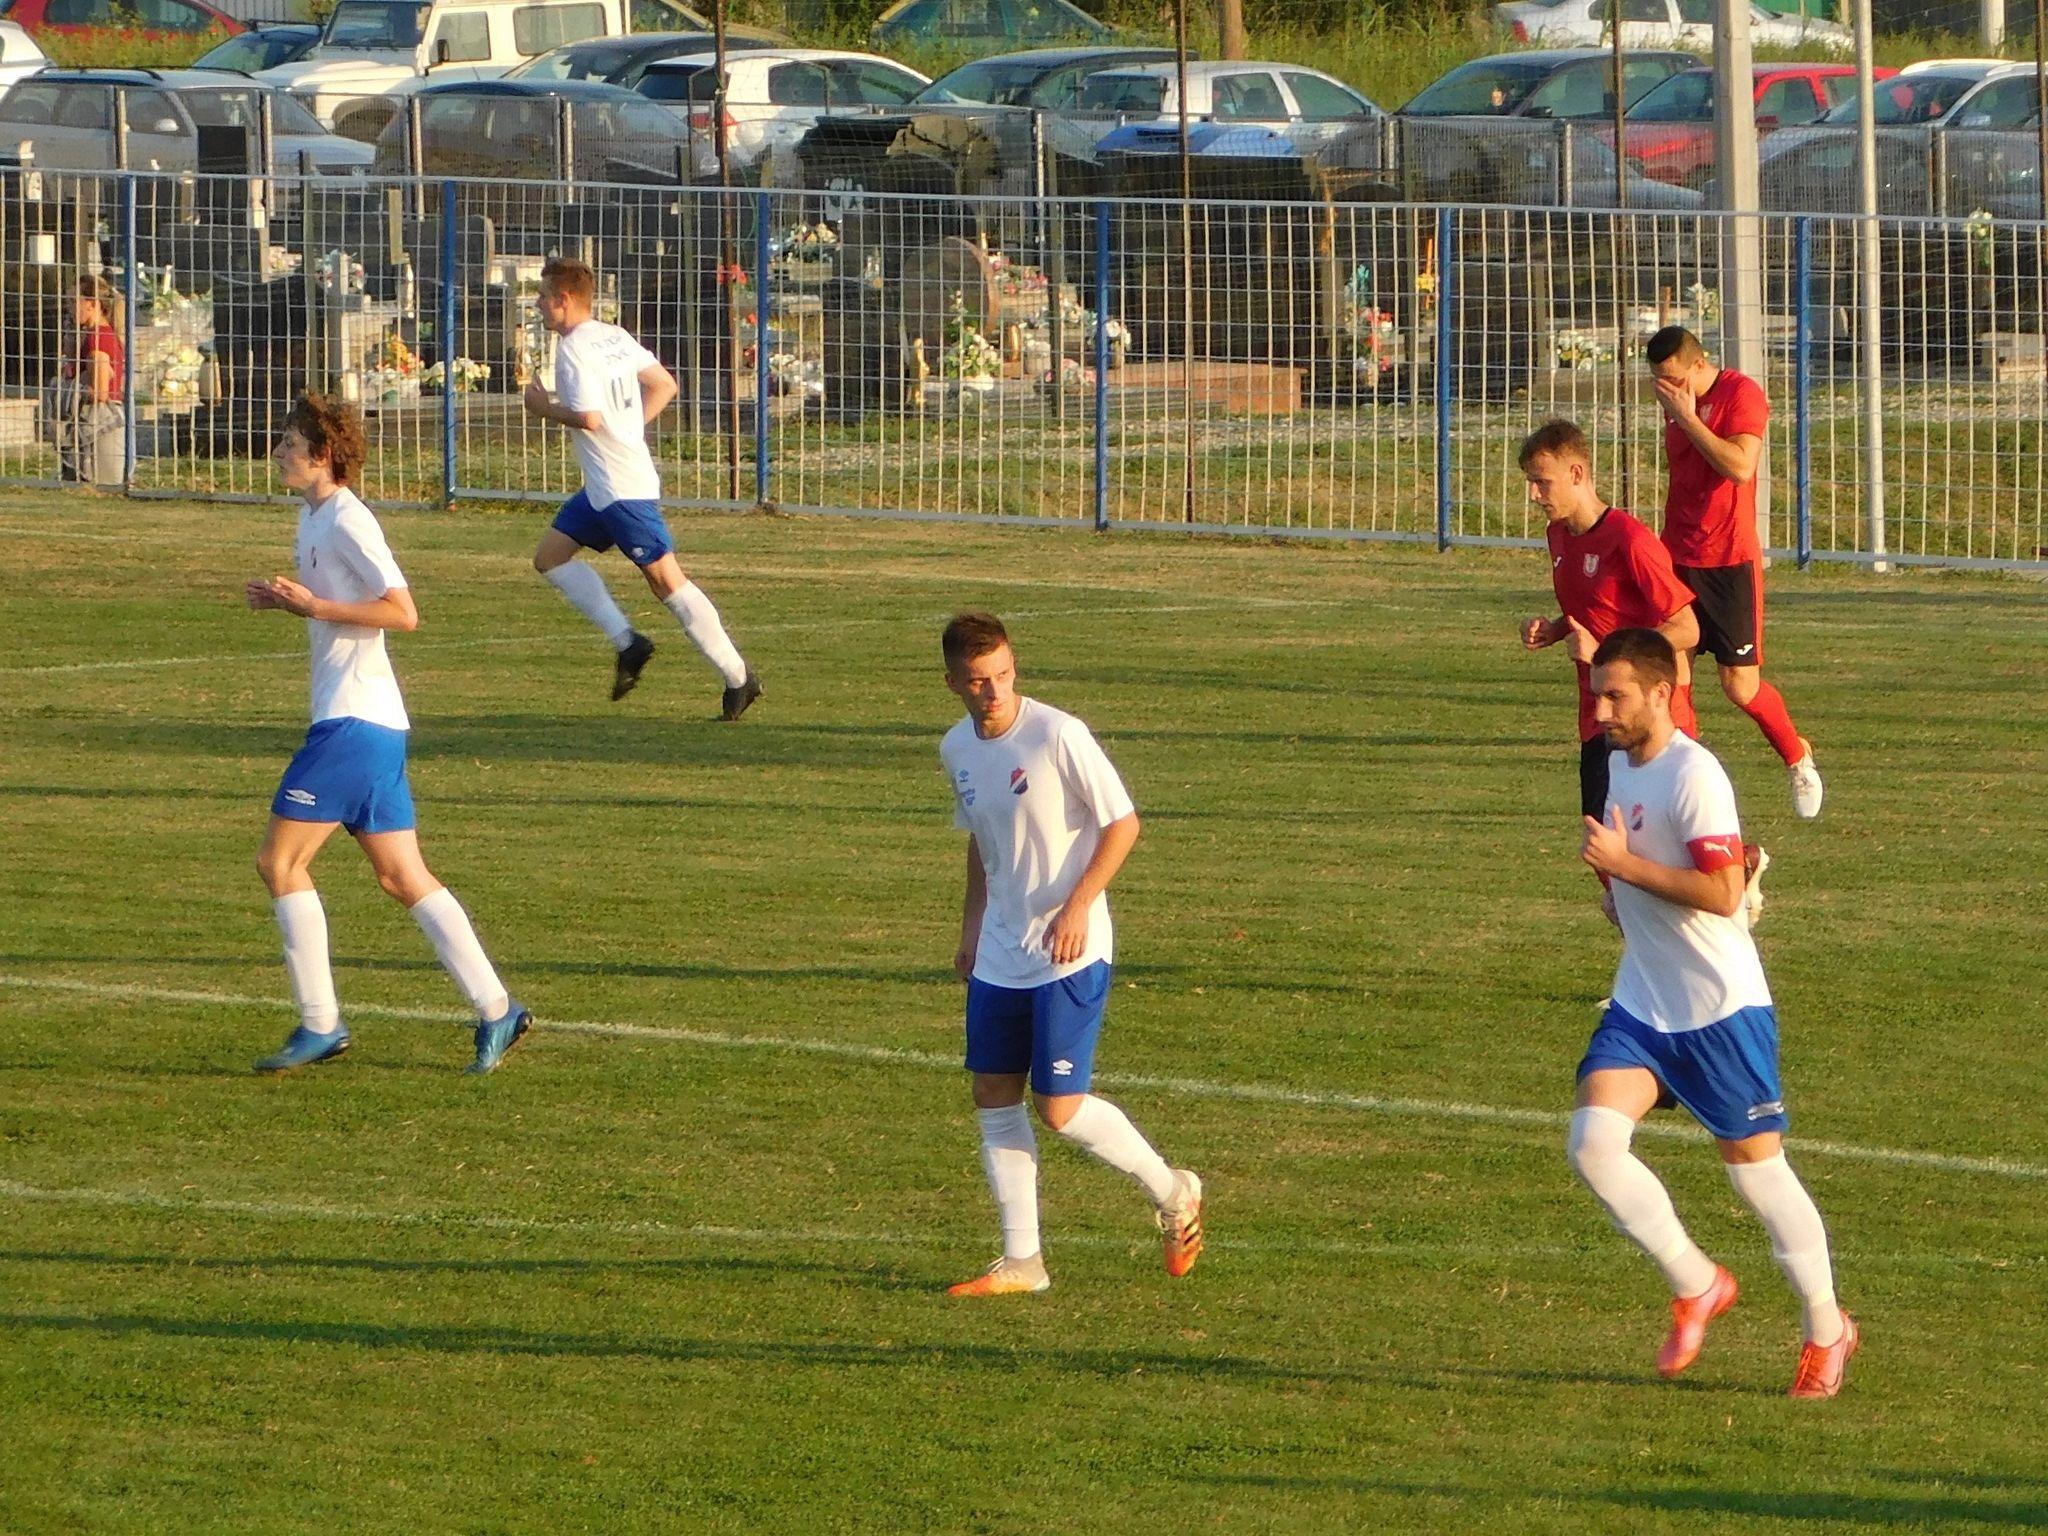 Sutra u Oriovcu, NK Oriolik dočekuje RNK Split u Hrvatskom nogometnom kupu